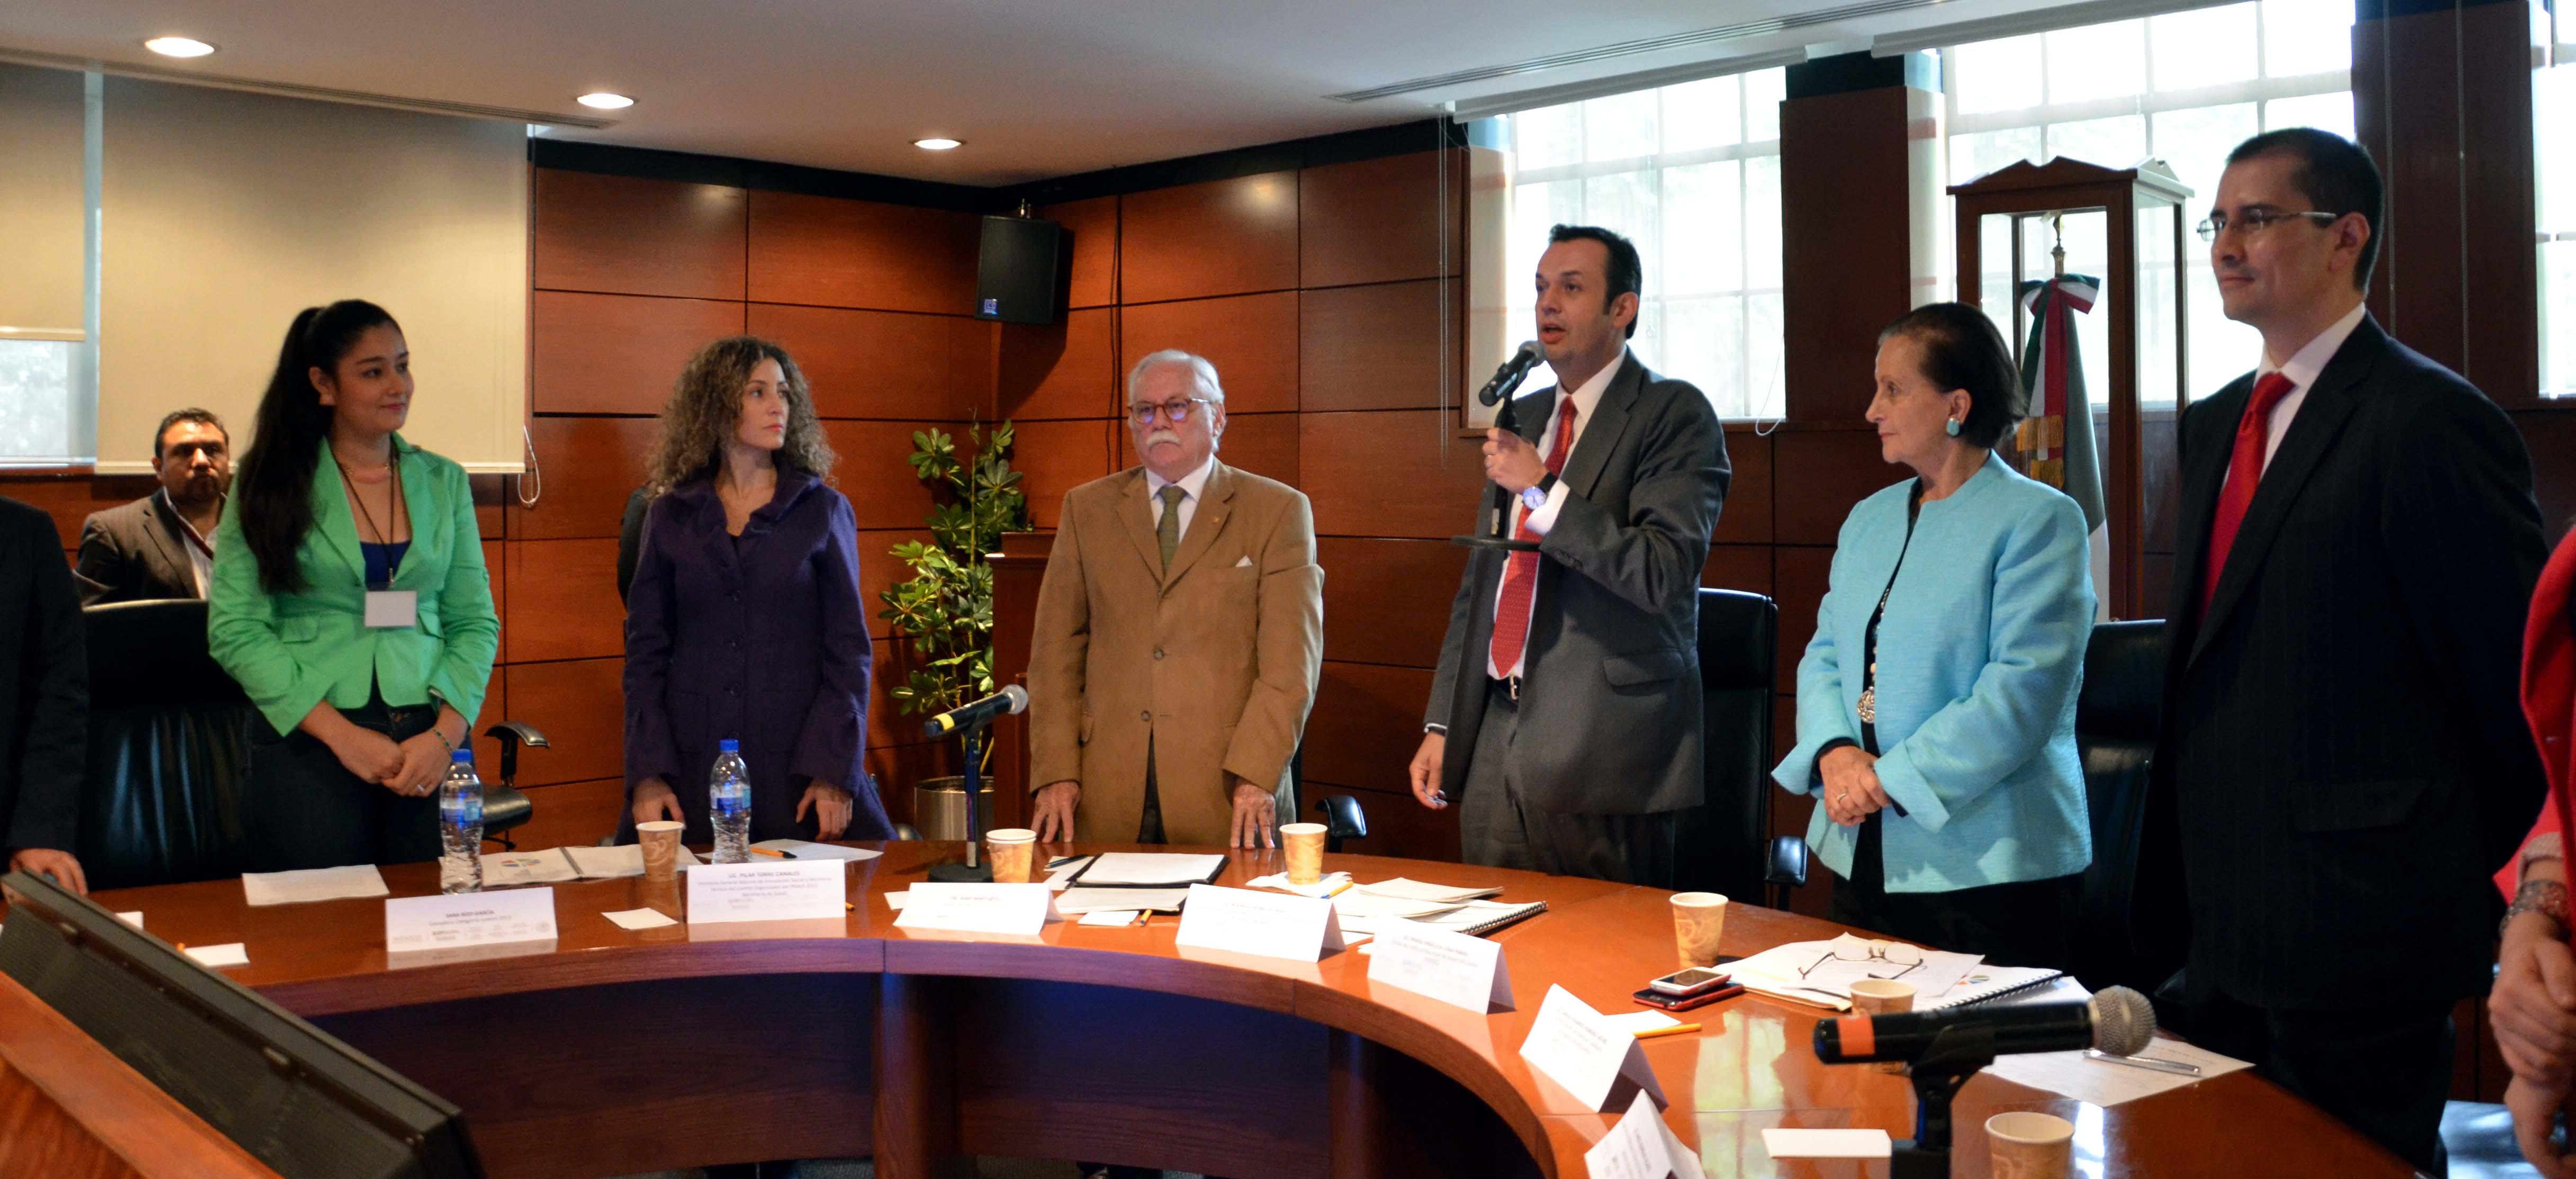 Sesión de Instalación del Jurado Calificador del Premio Nacional de Acción Solidaria y Voluntaria 2014